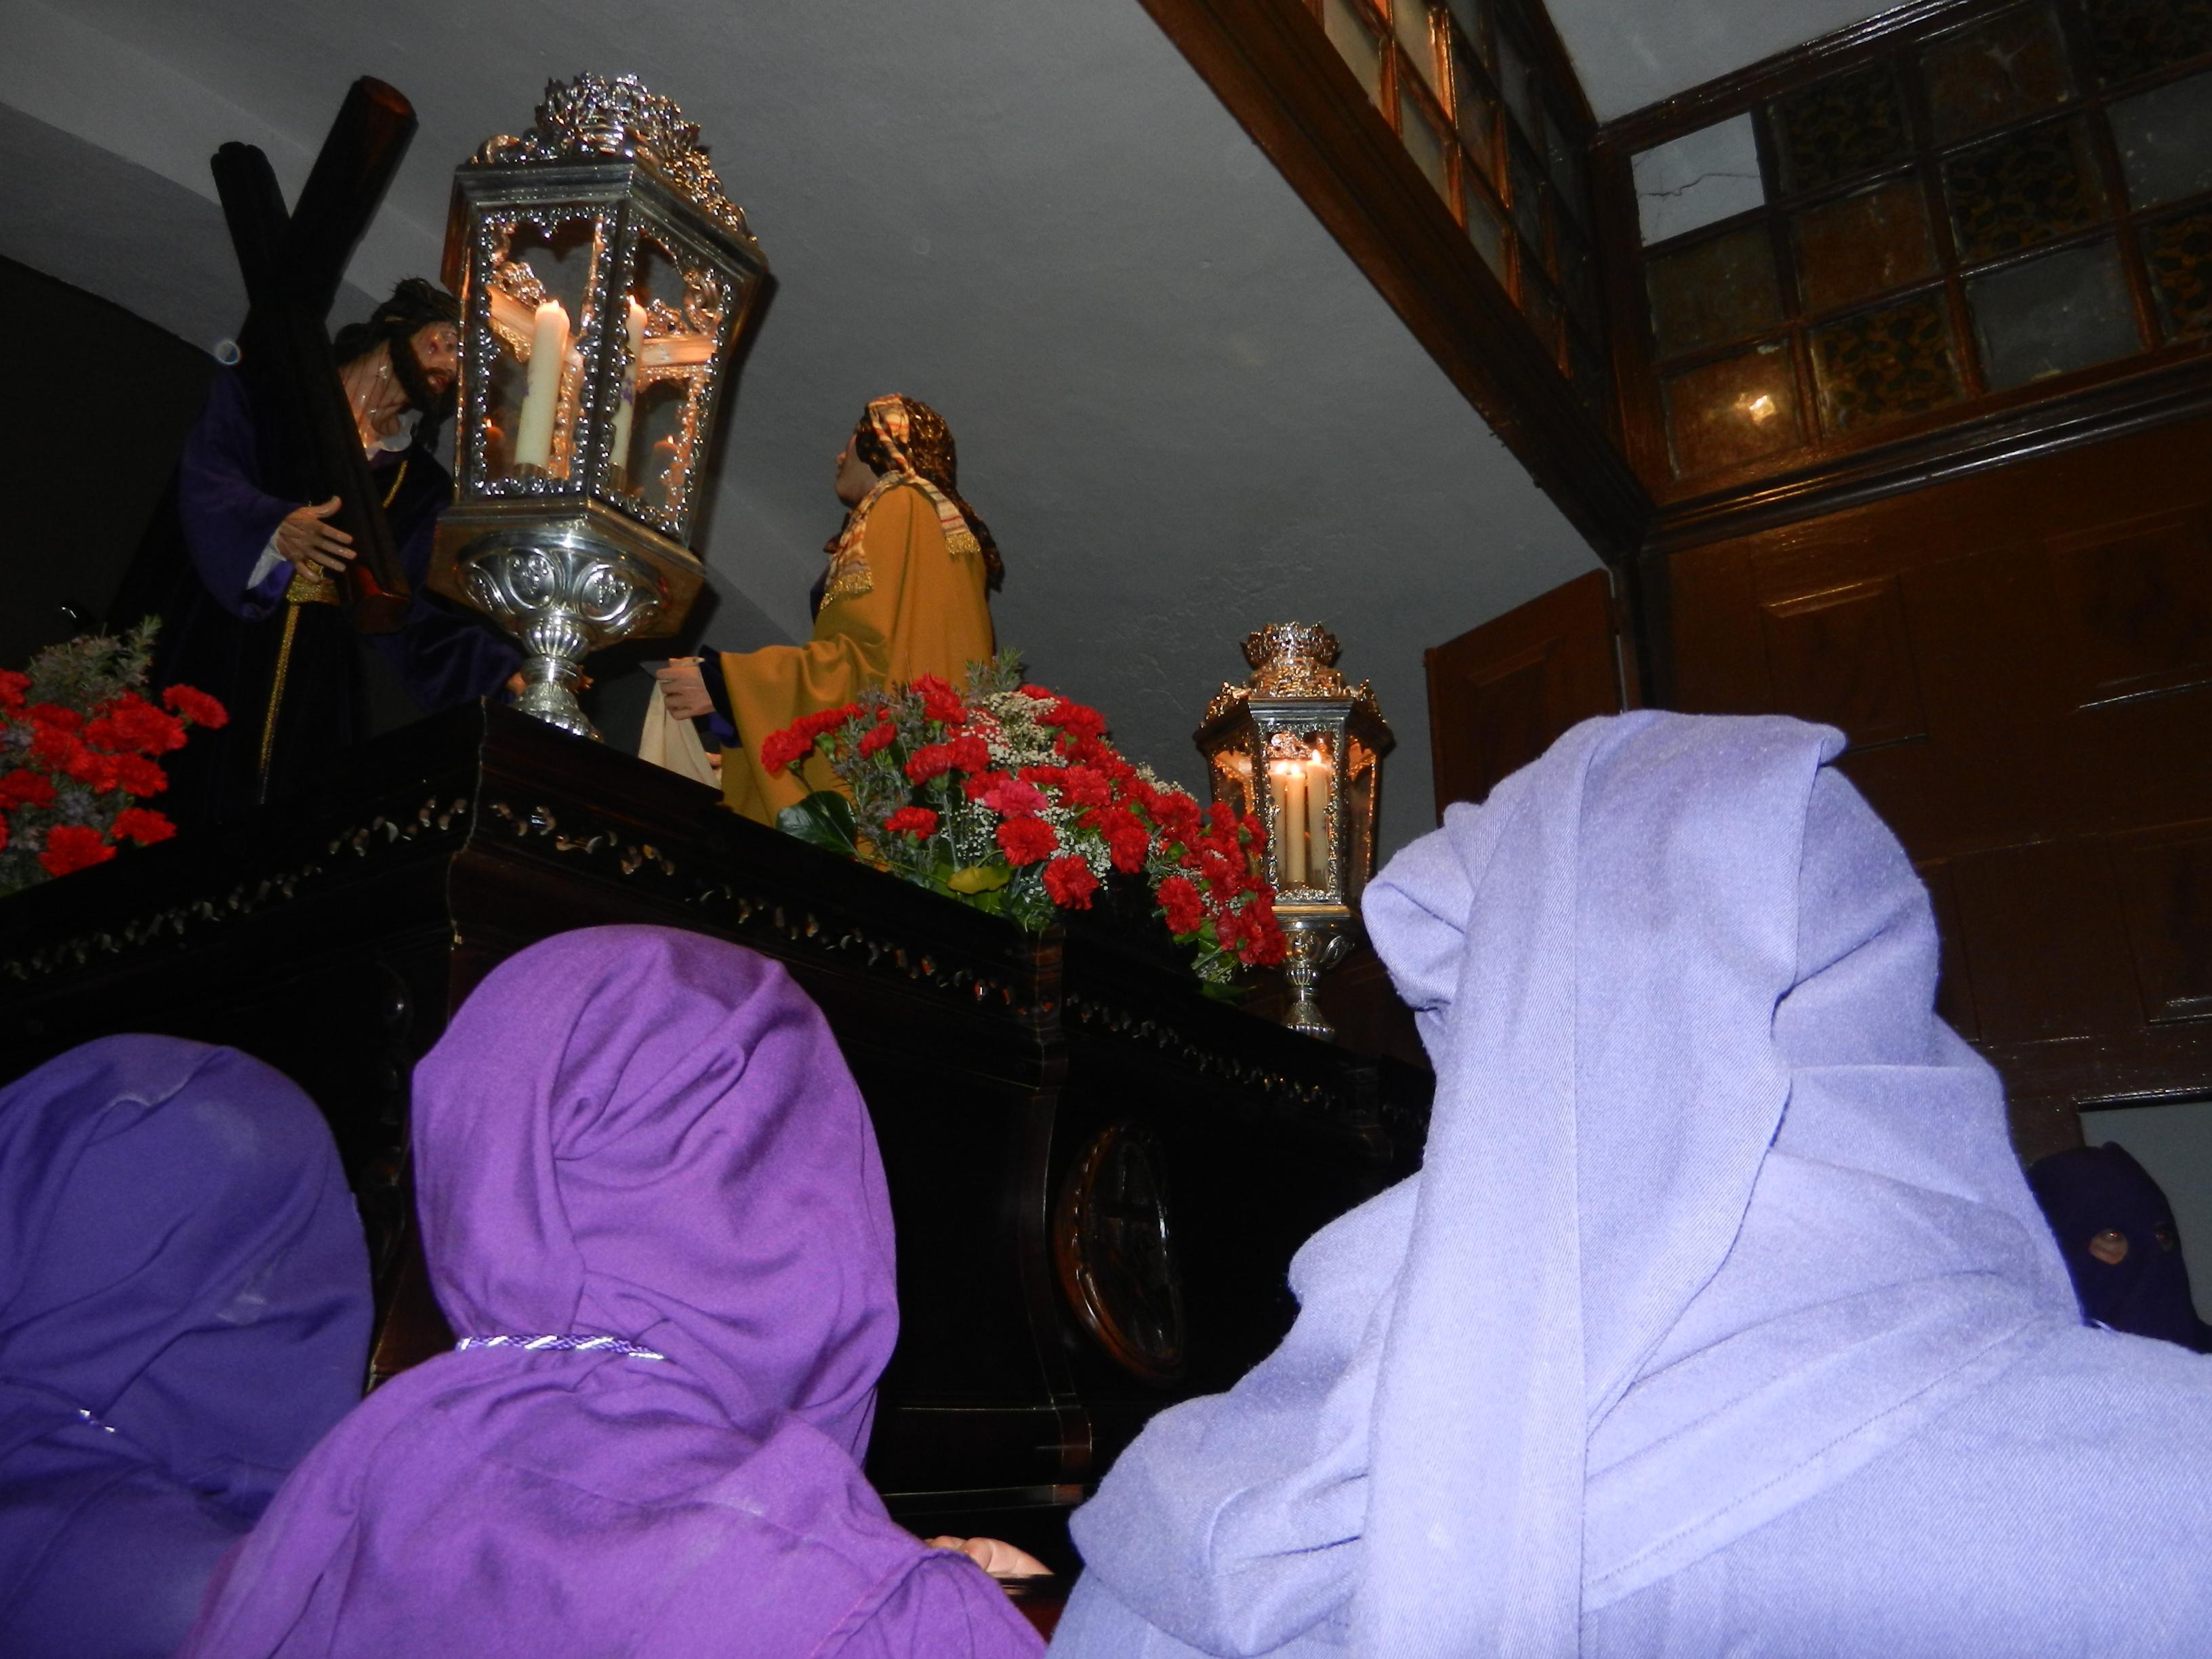 Los costaleros sacan a Jesús Nazareno